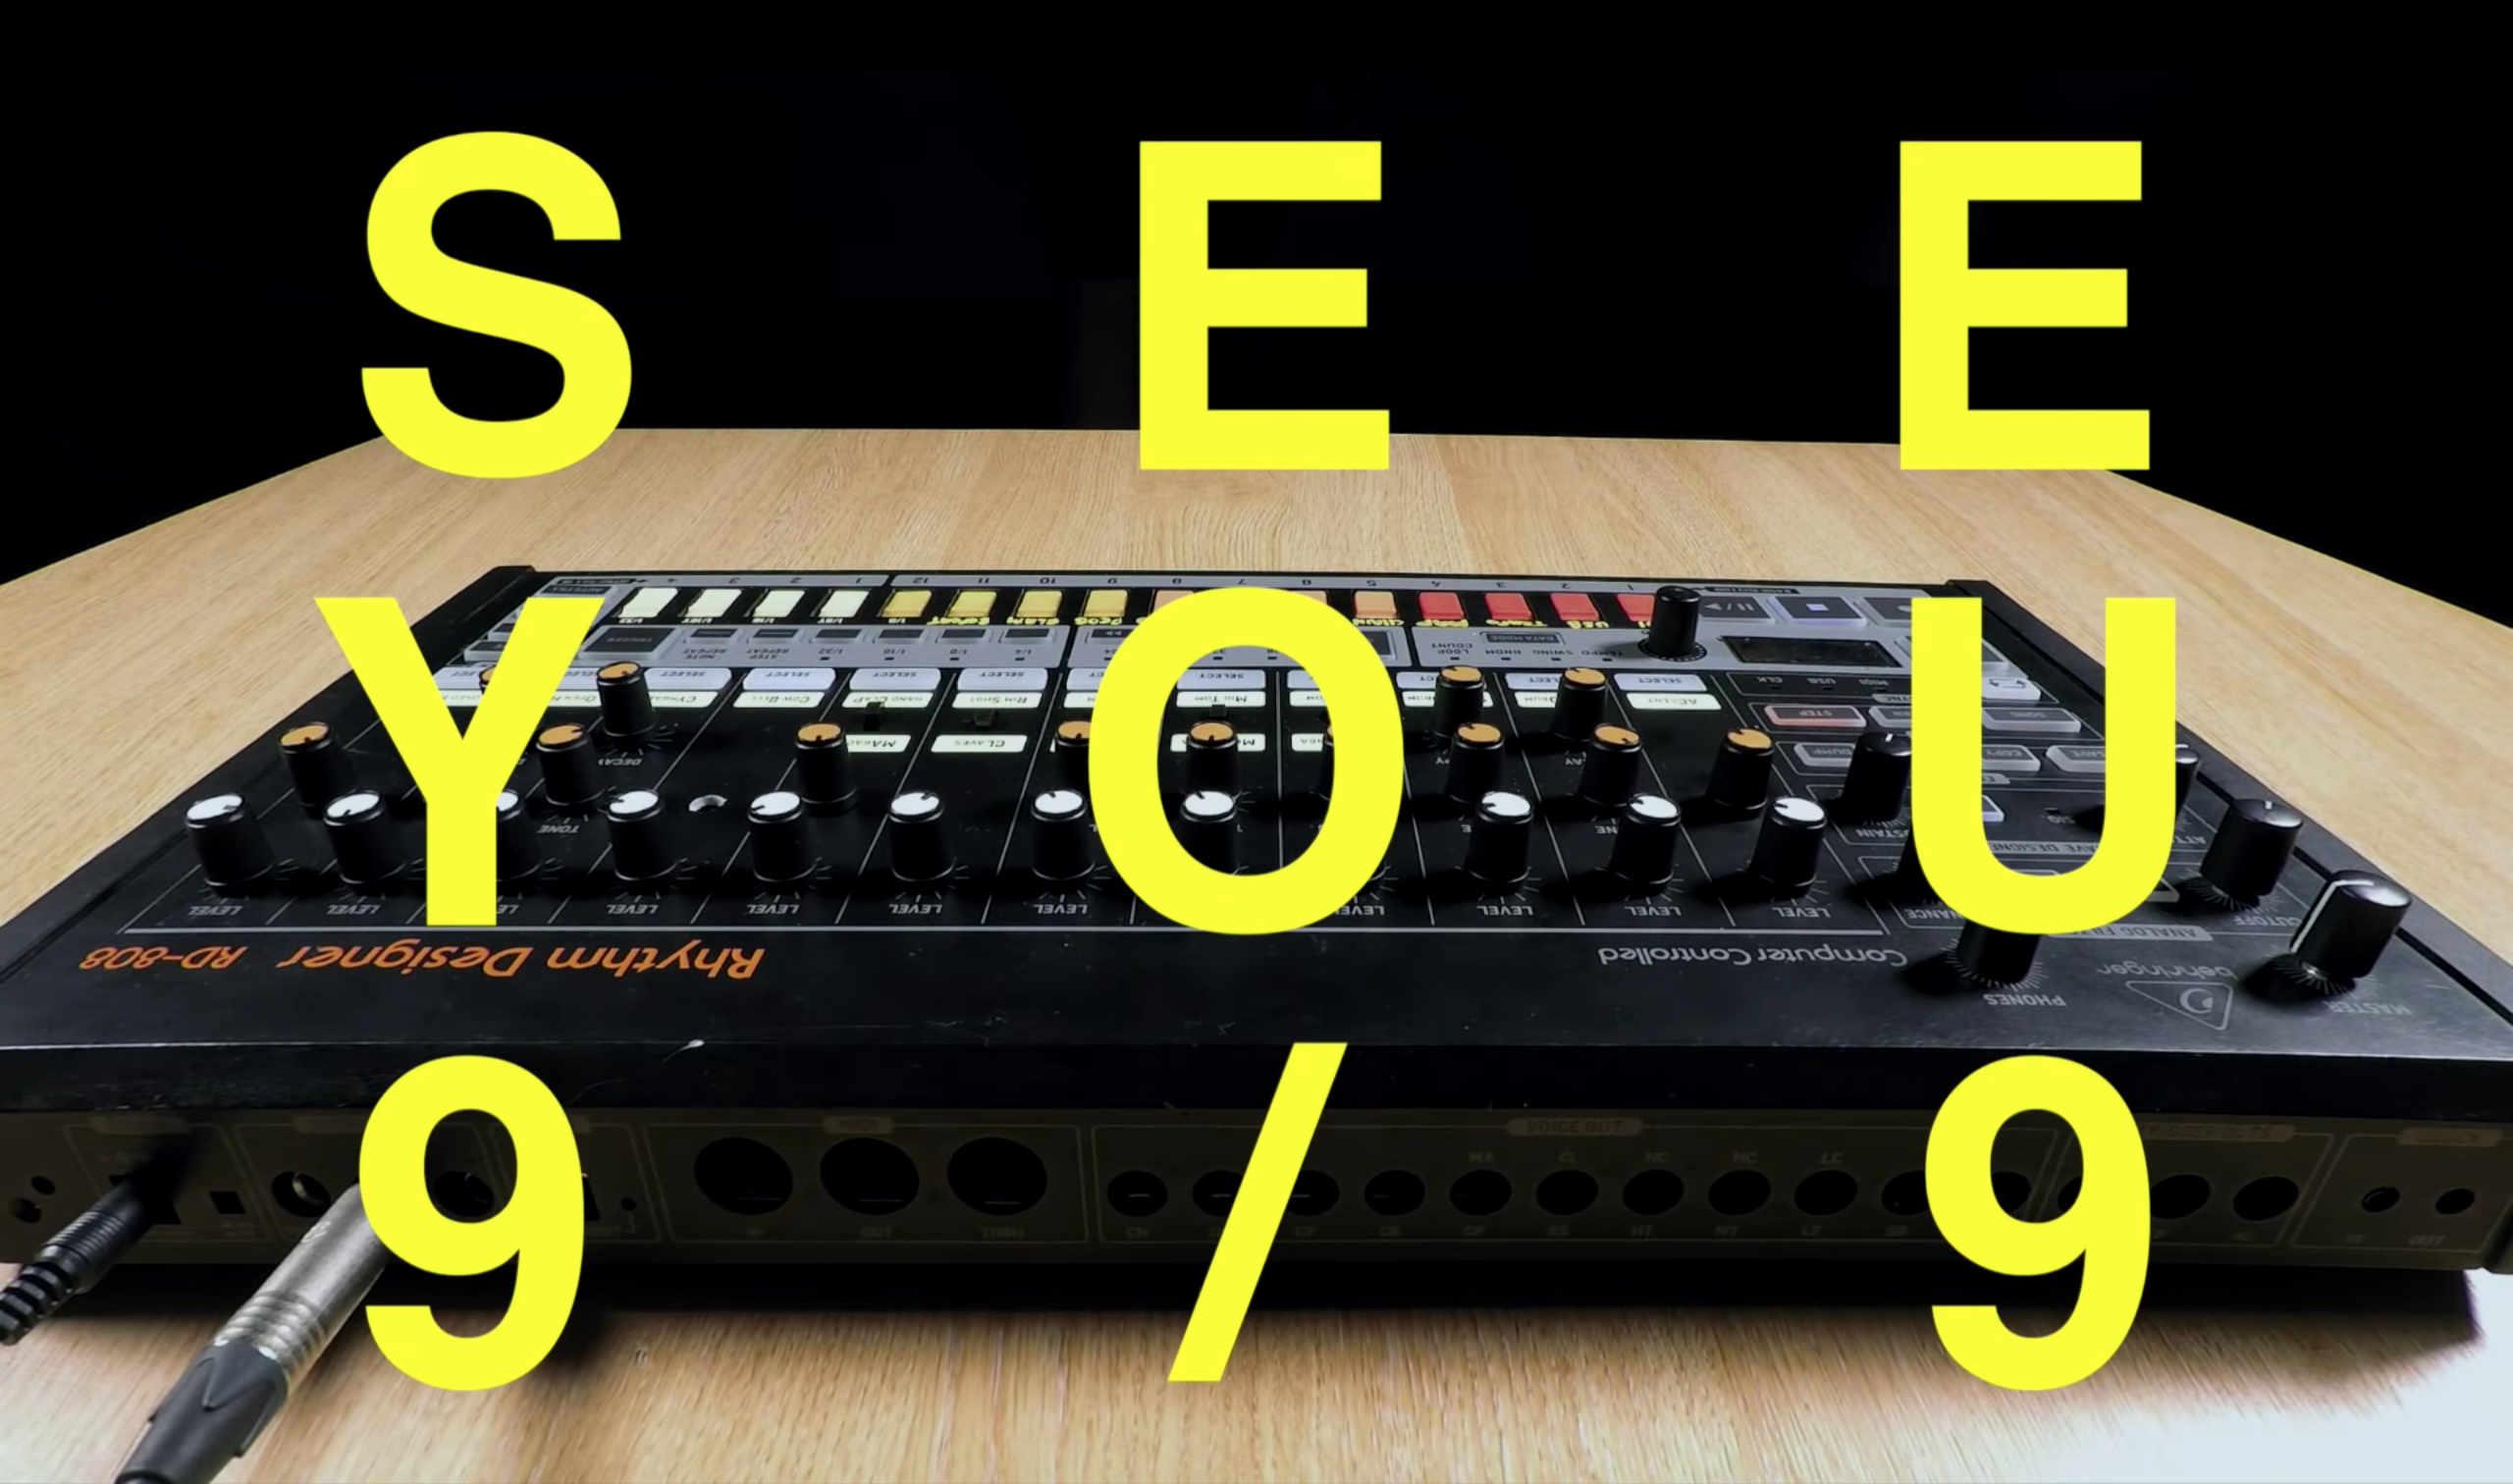 Behringers 808-Day: Preis, Datum und große Überraschung?